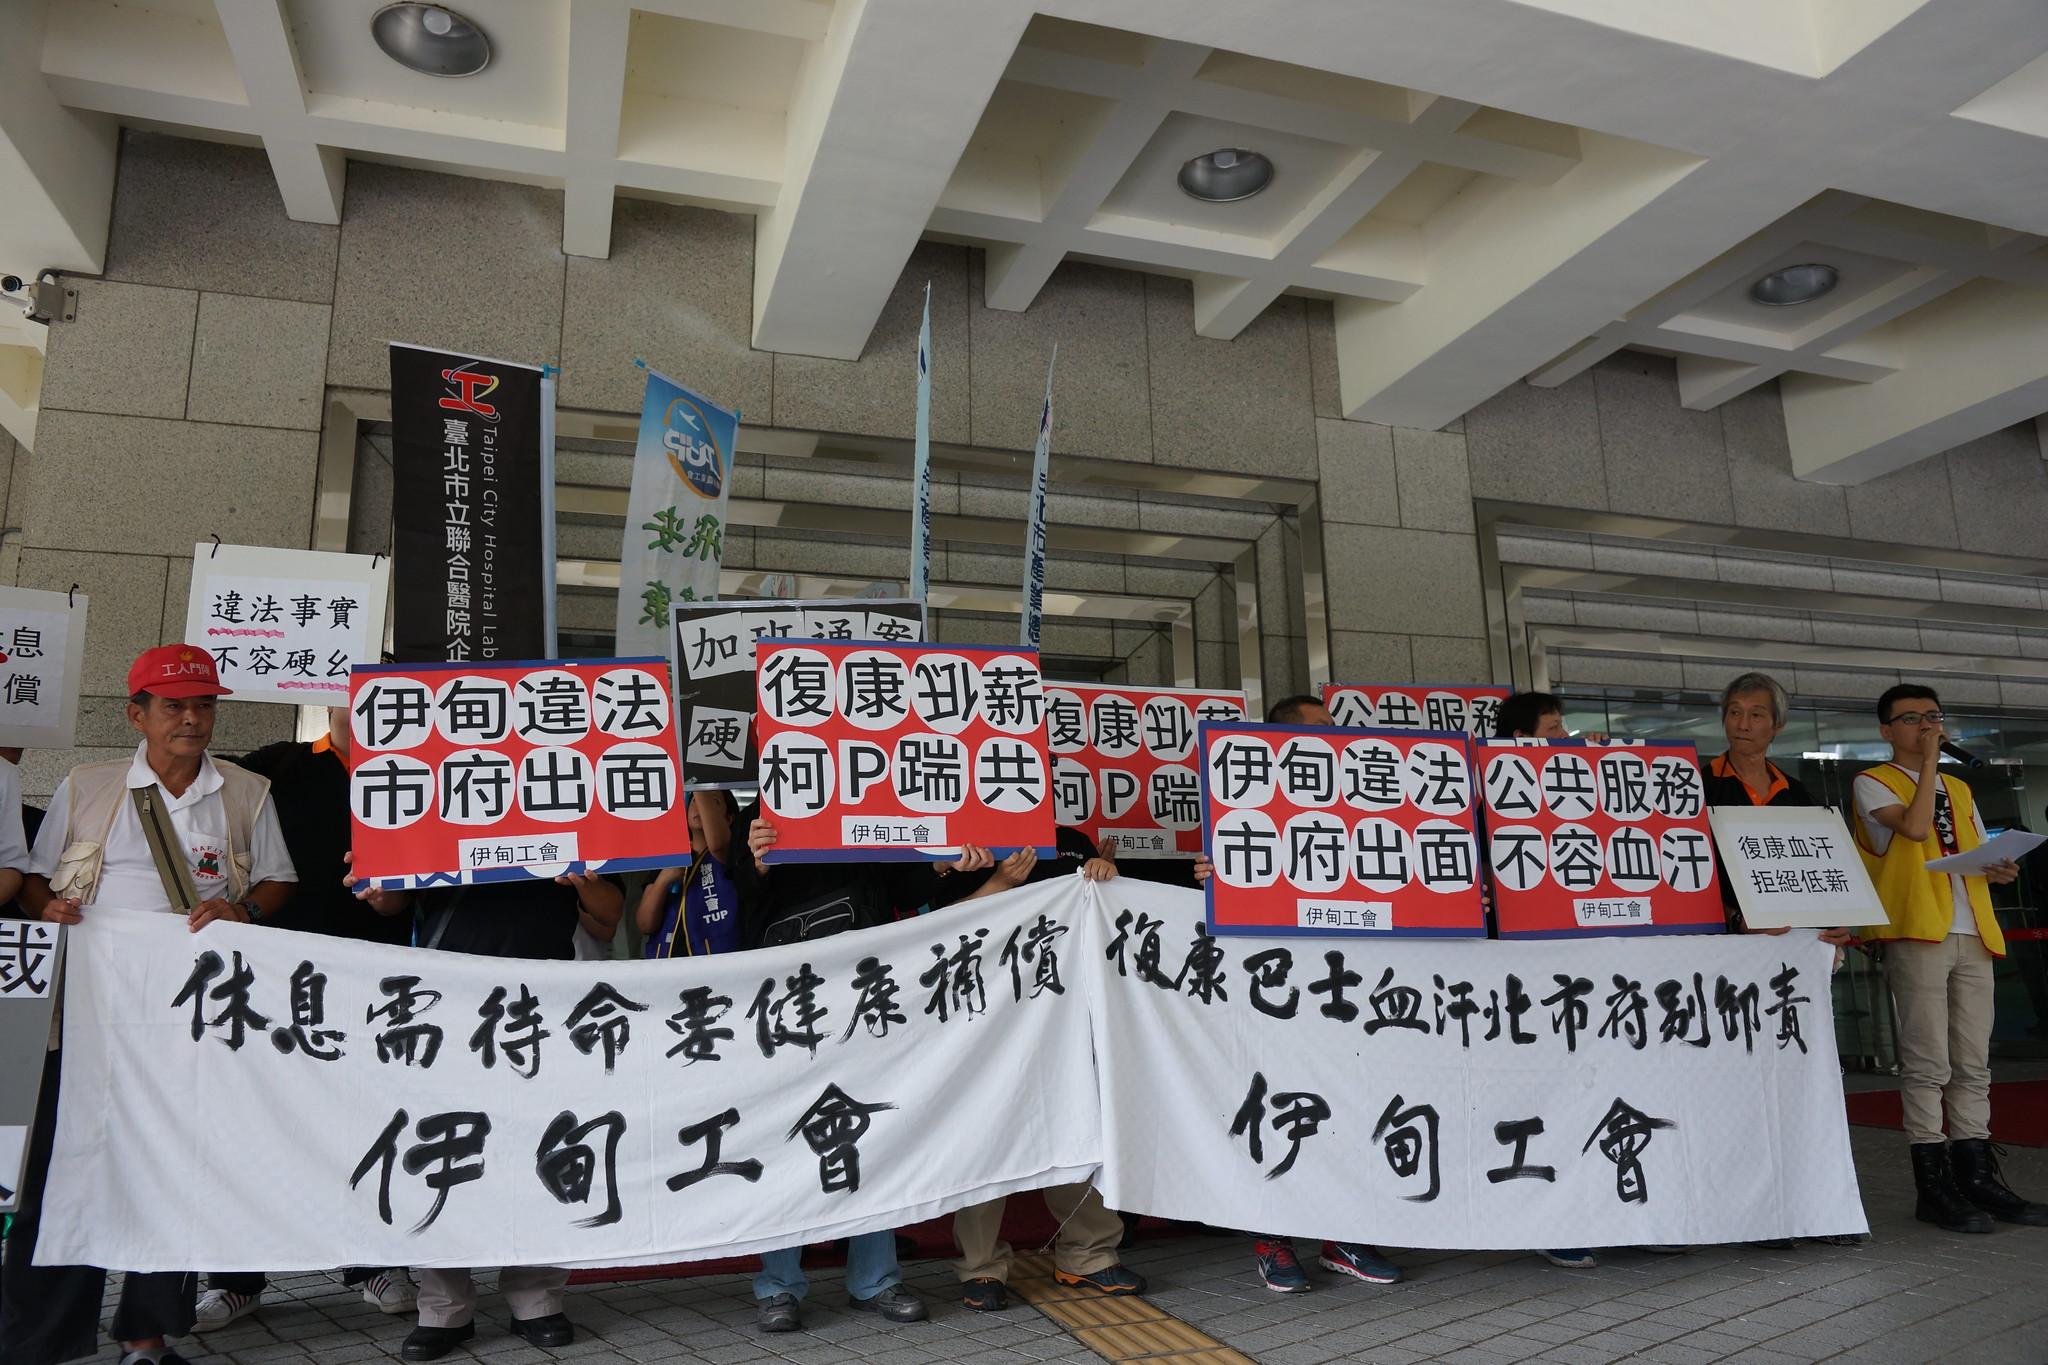 伊甸劳资争议,工会找上柯文哲,在市议会外陈情。(摄影:王颢中)